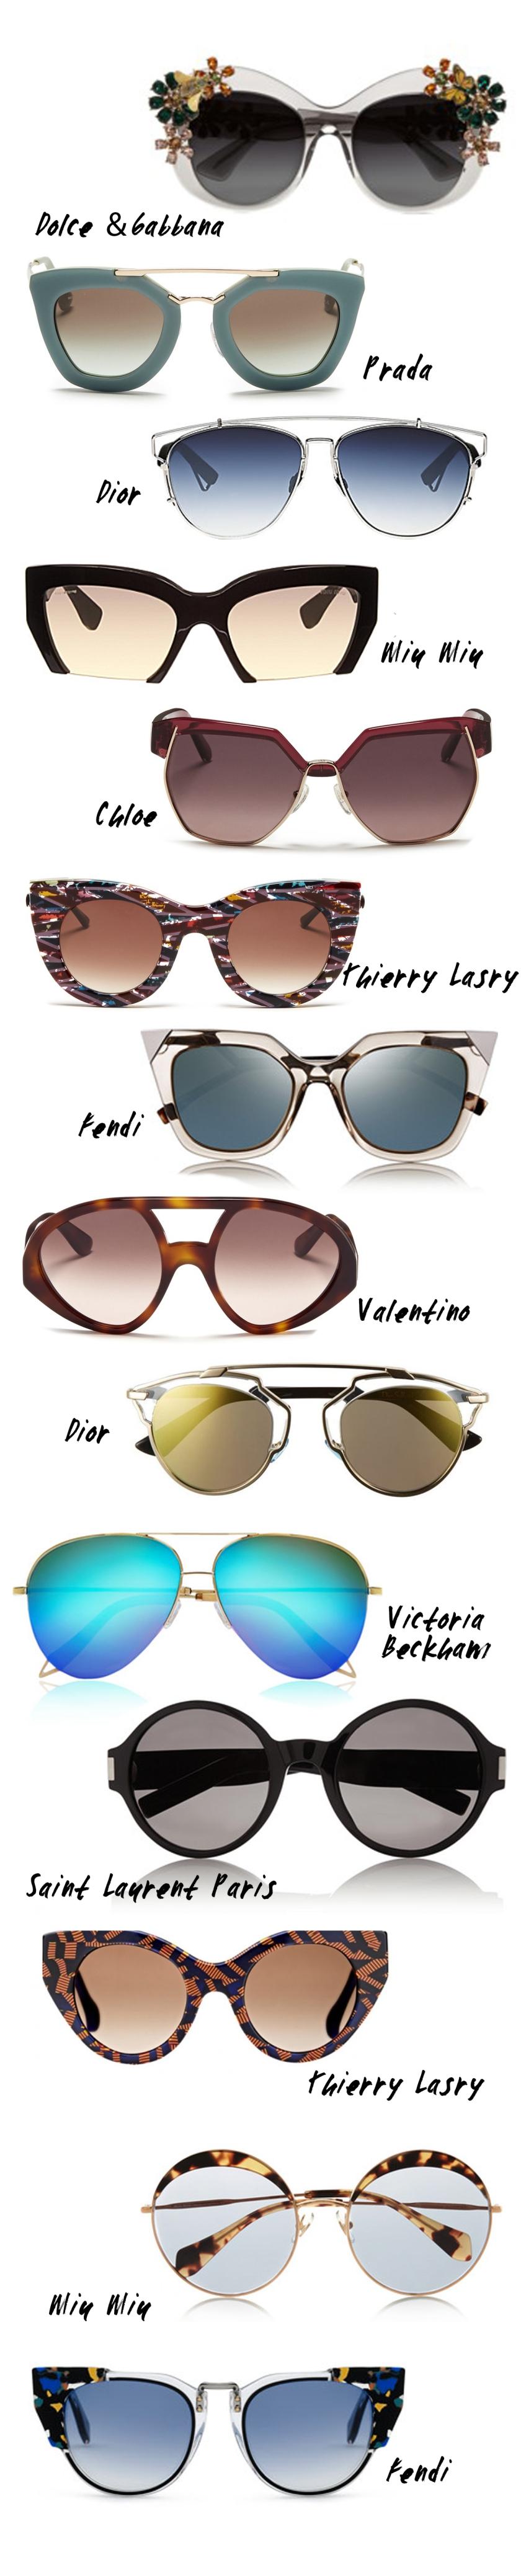 Labellecrush-sunglasses